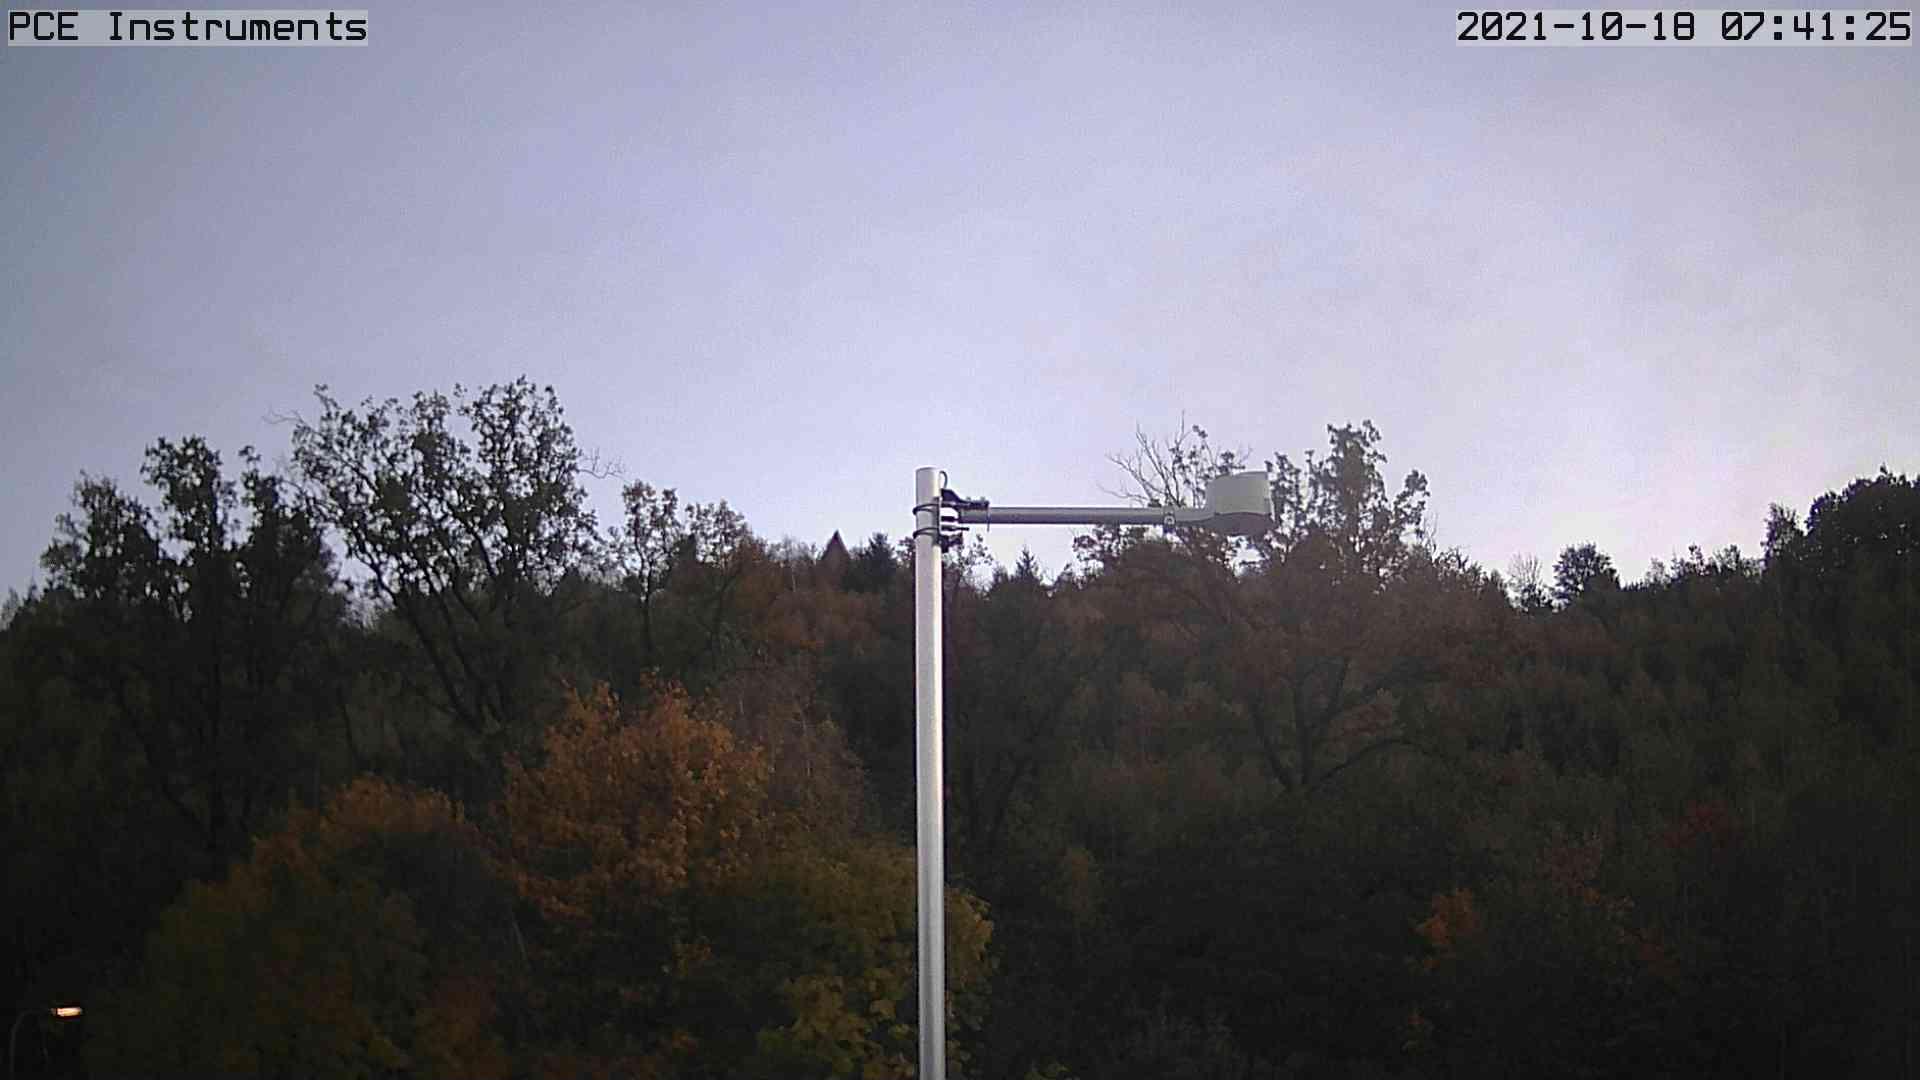 Wetter Webcam Meschede-Freienohl